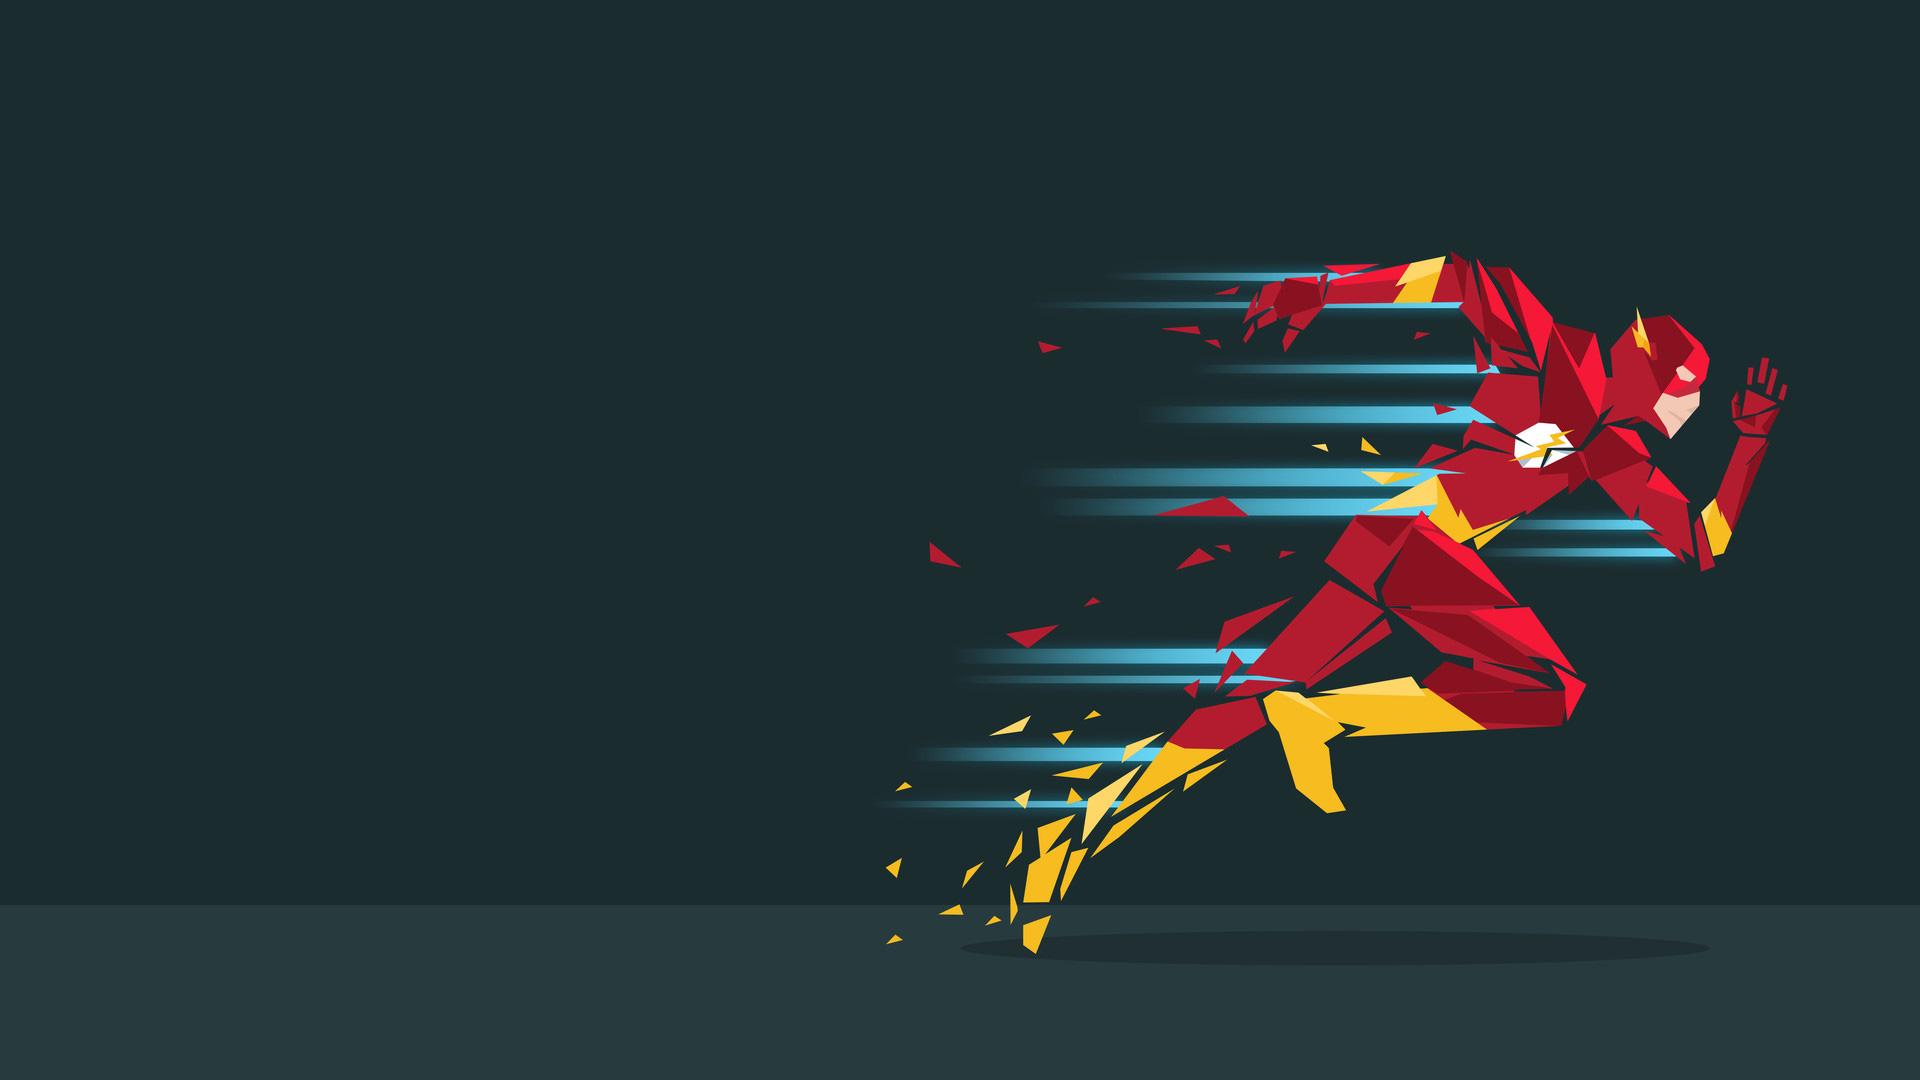 desktop wallpaper vector: Flash Vector Art, HD Superheroes, 4k Wallpapers, Images